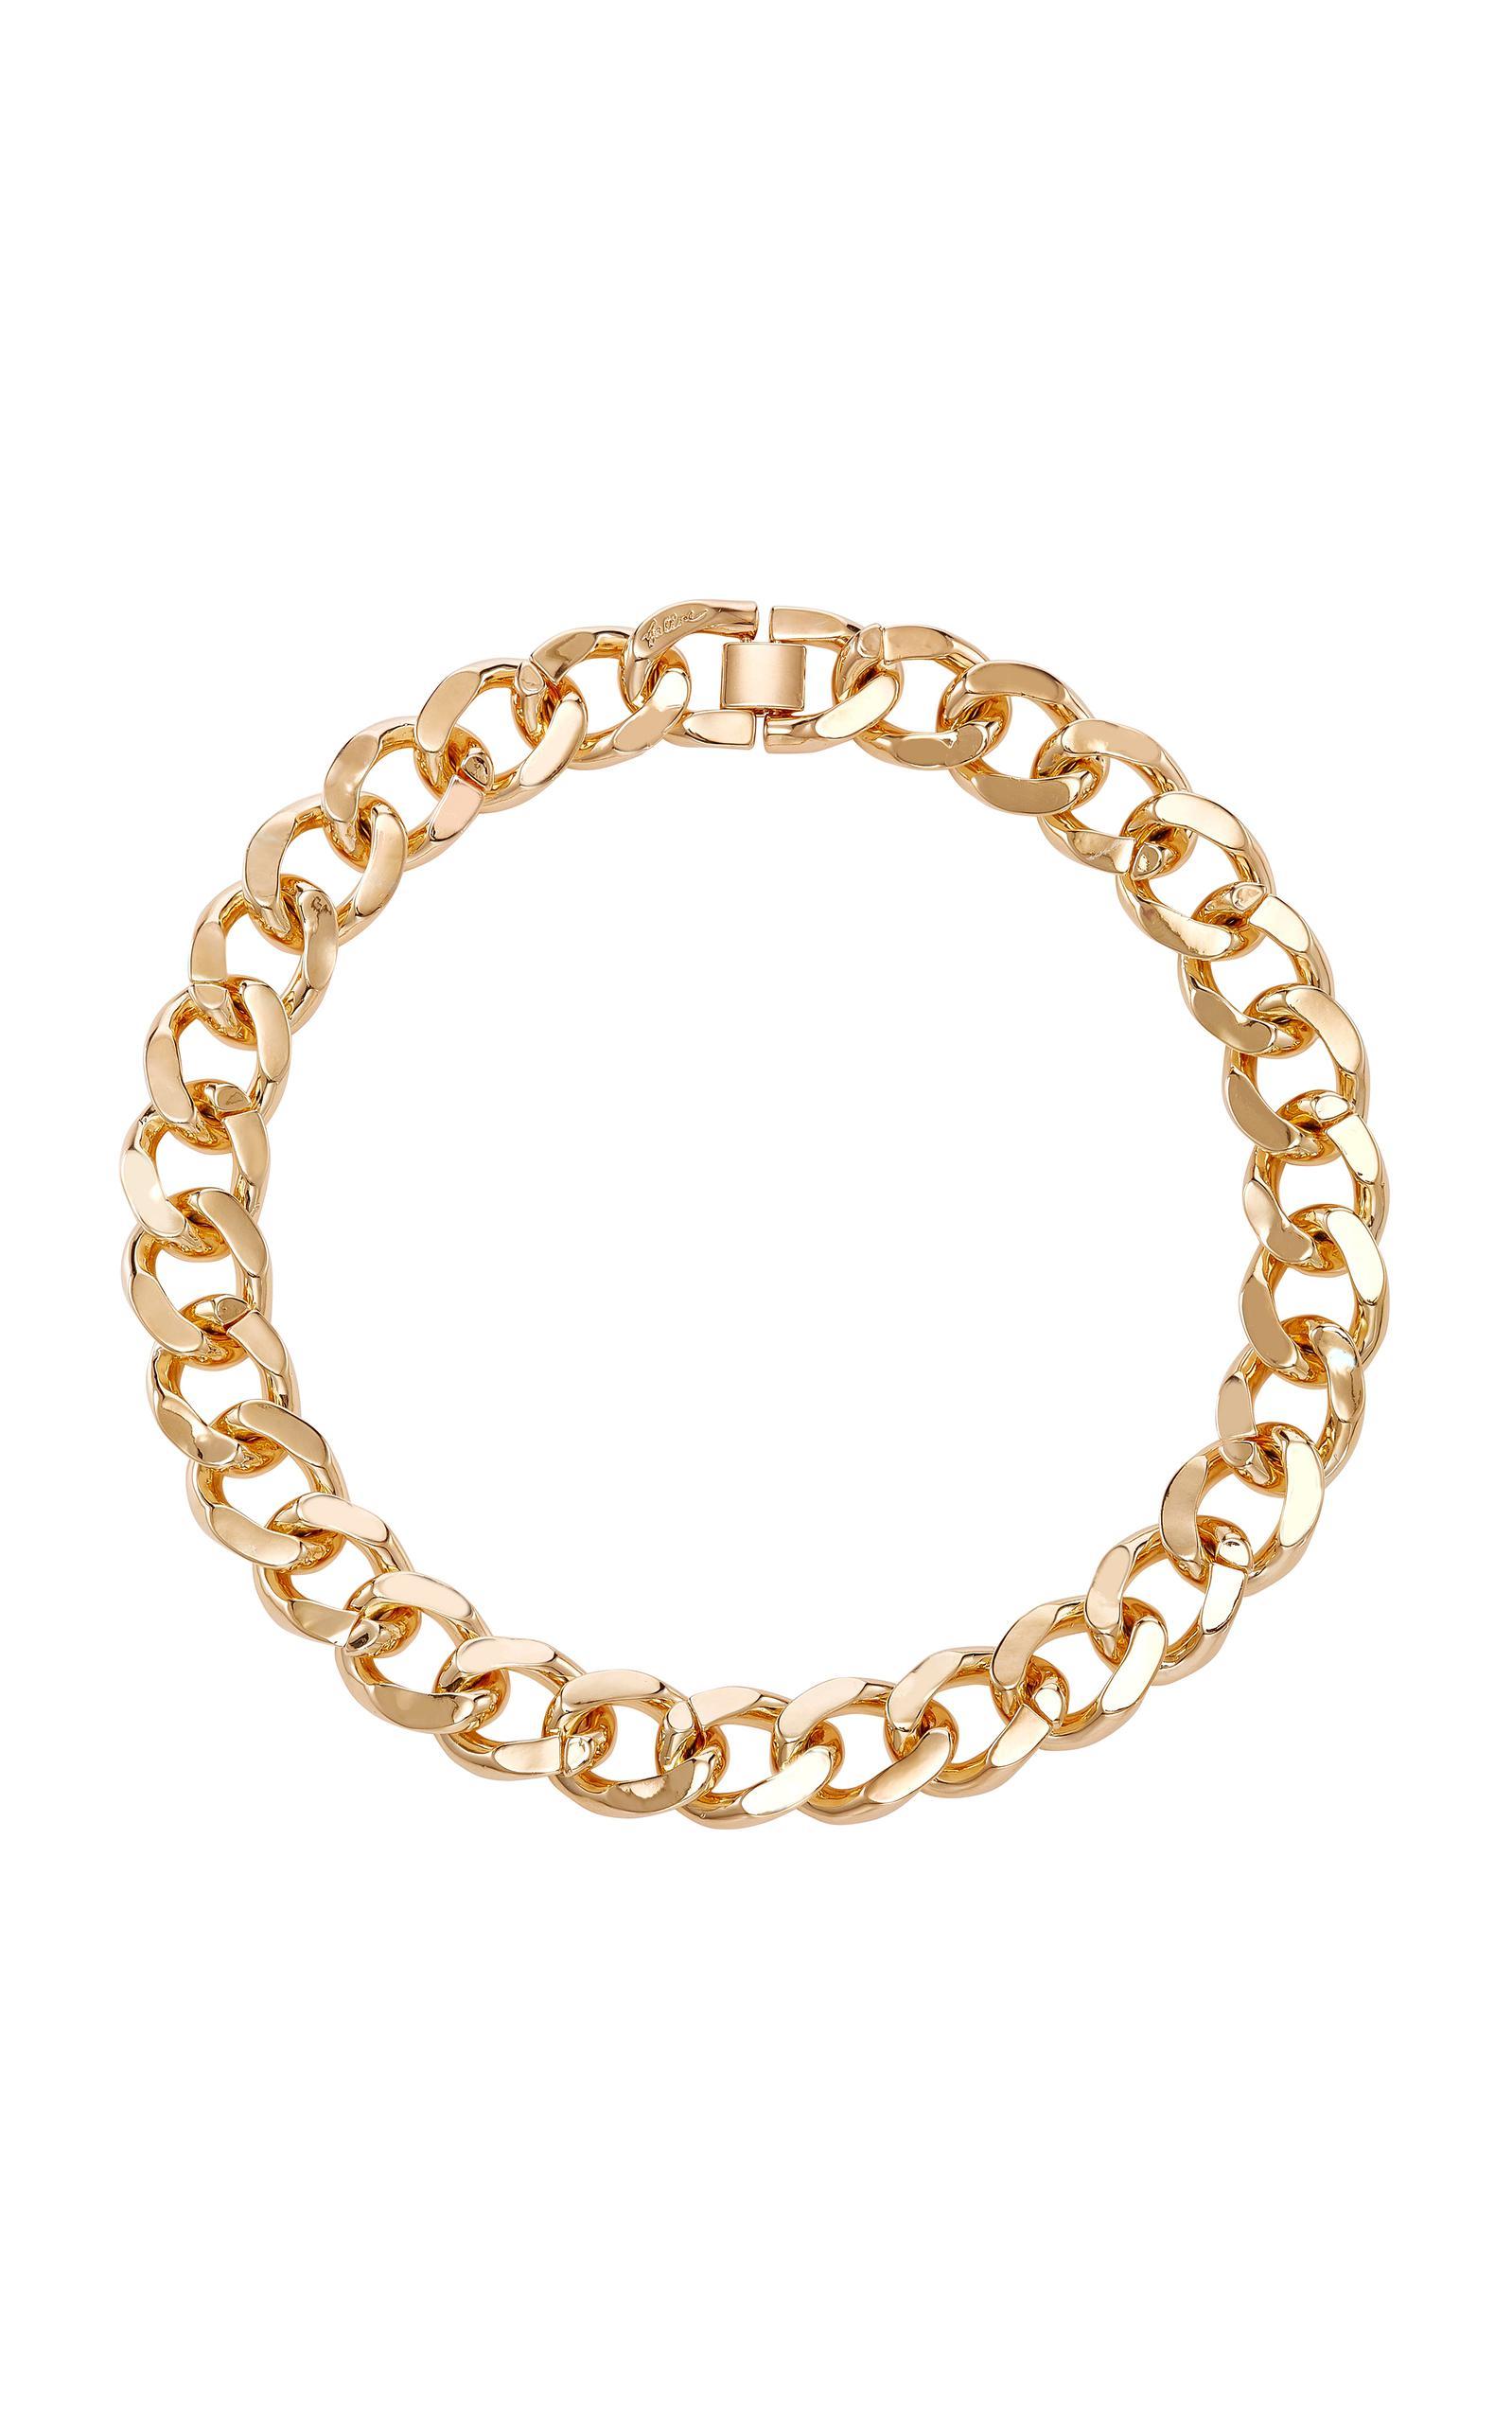 Fallon Armure Extra-Large Curb Chain Collar HrvTAzV